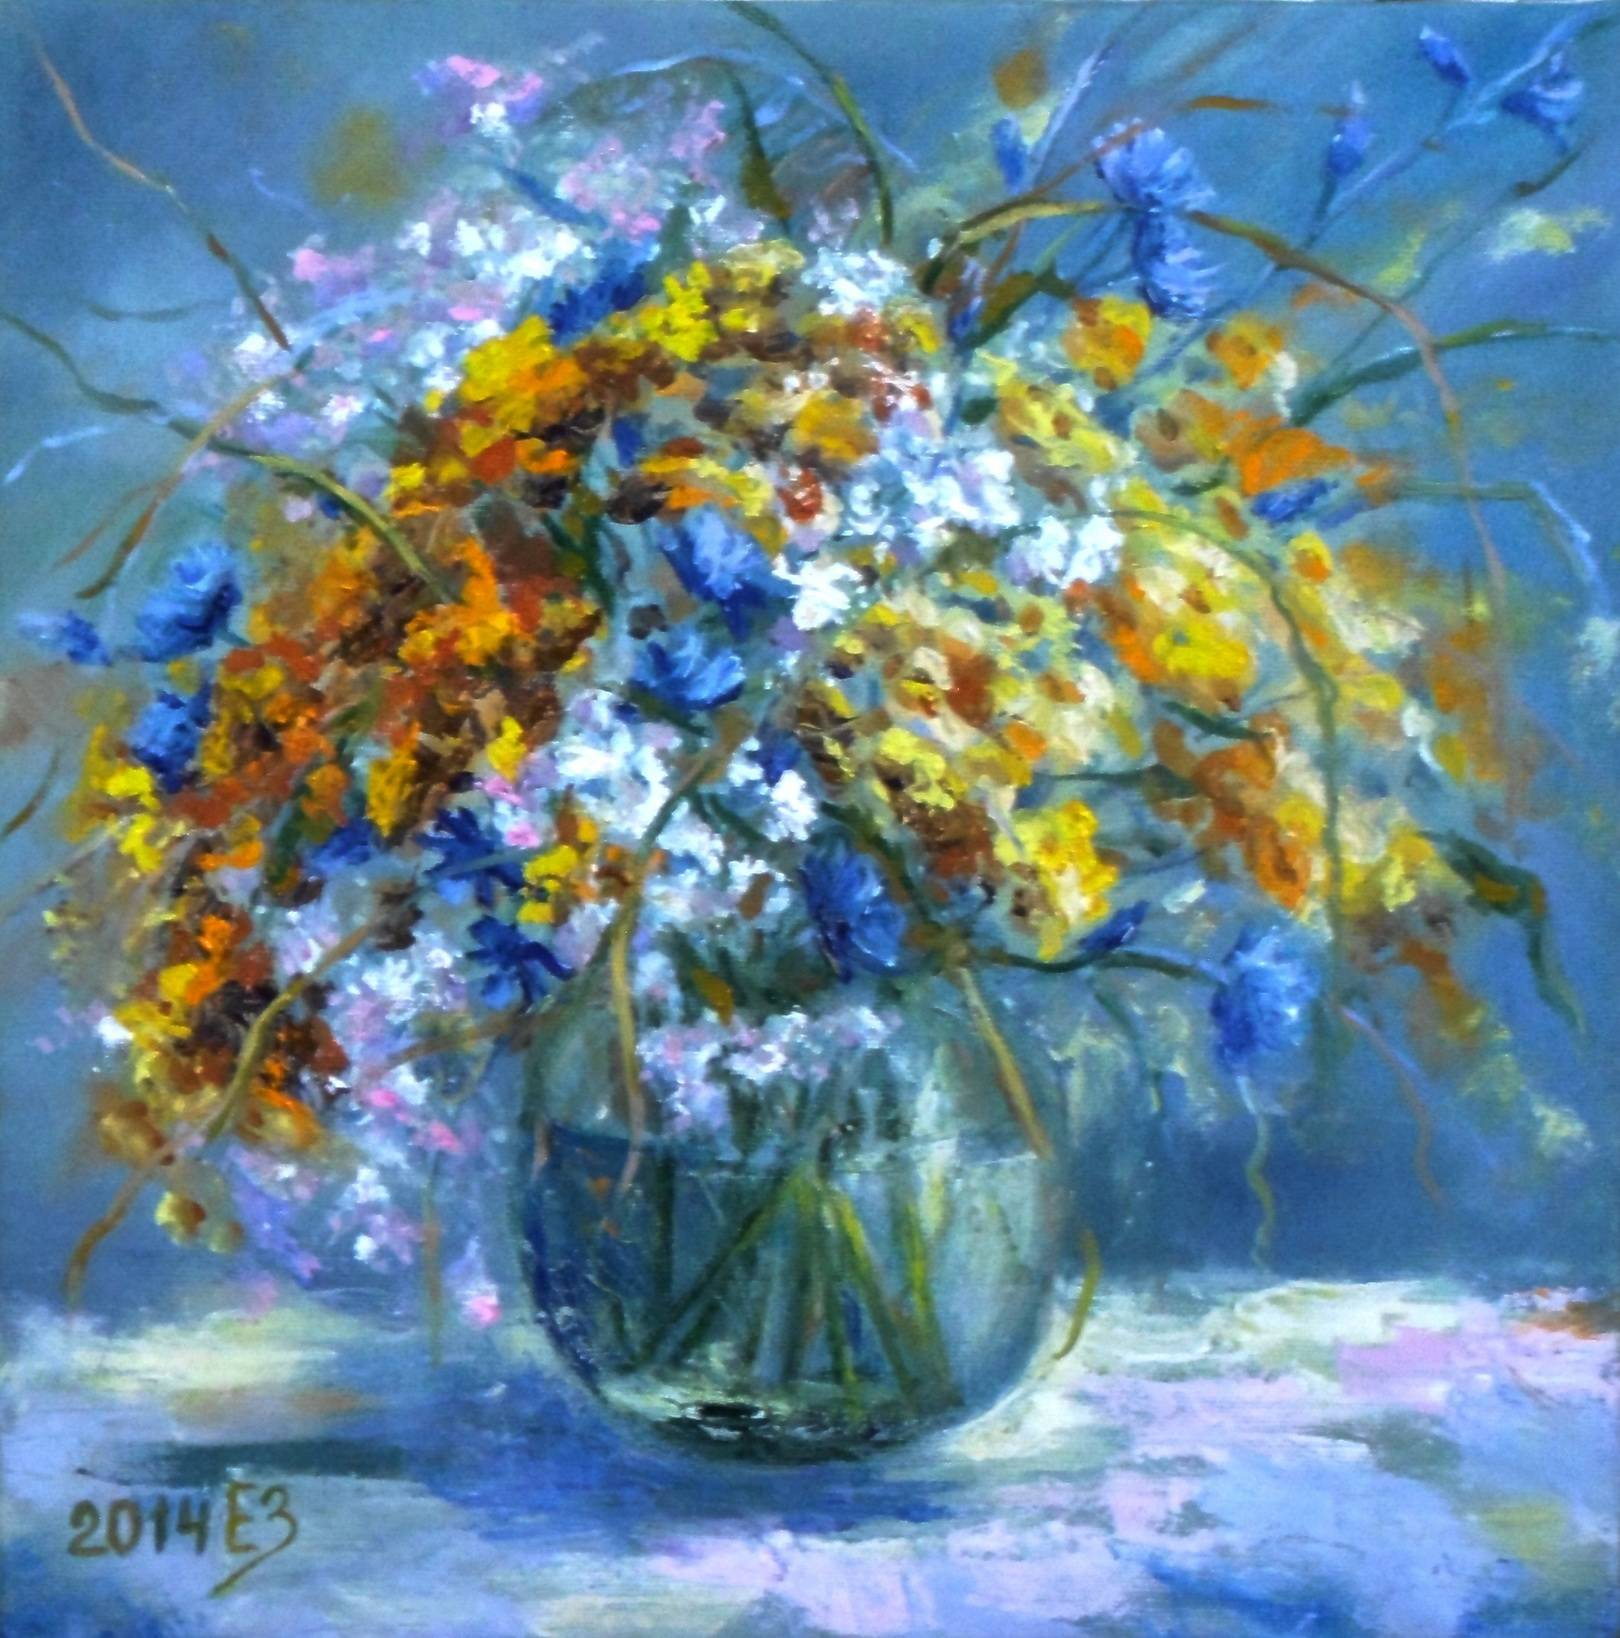 Полевые цветы . 30*30 холст, масло, 2014, новосибирск